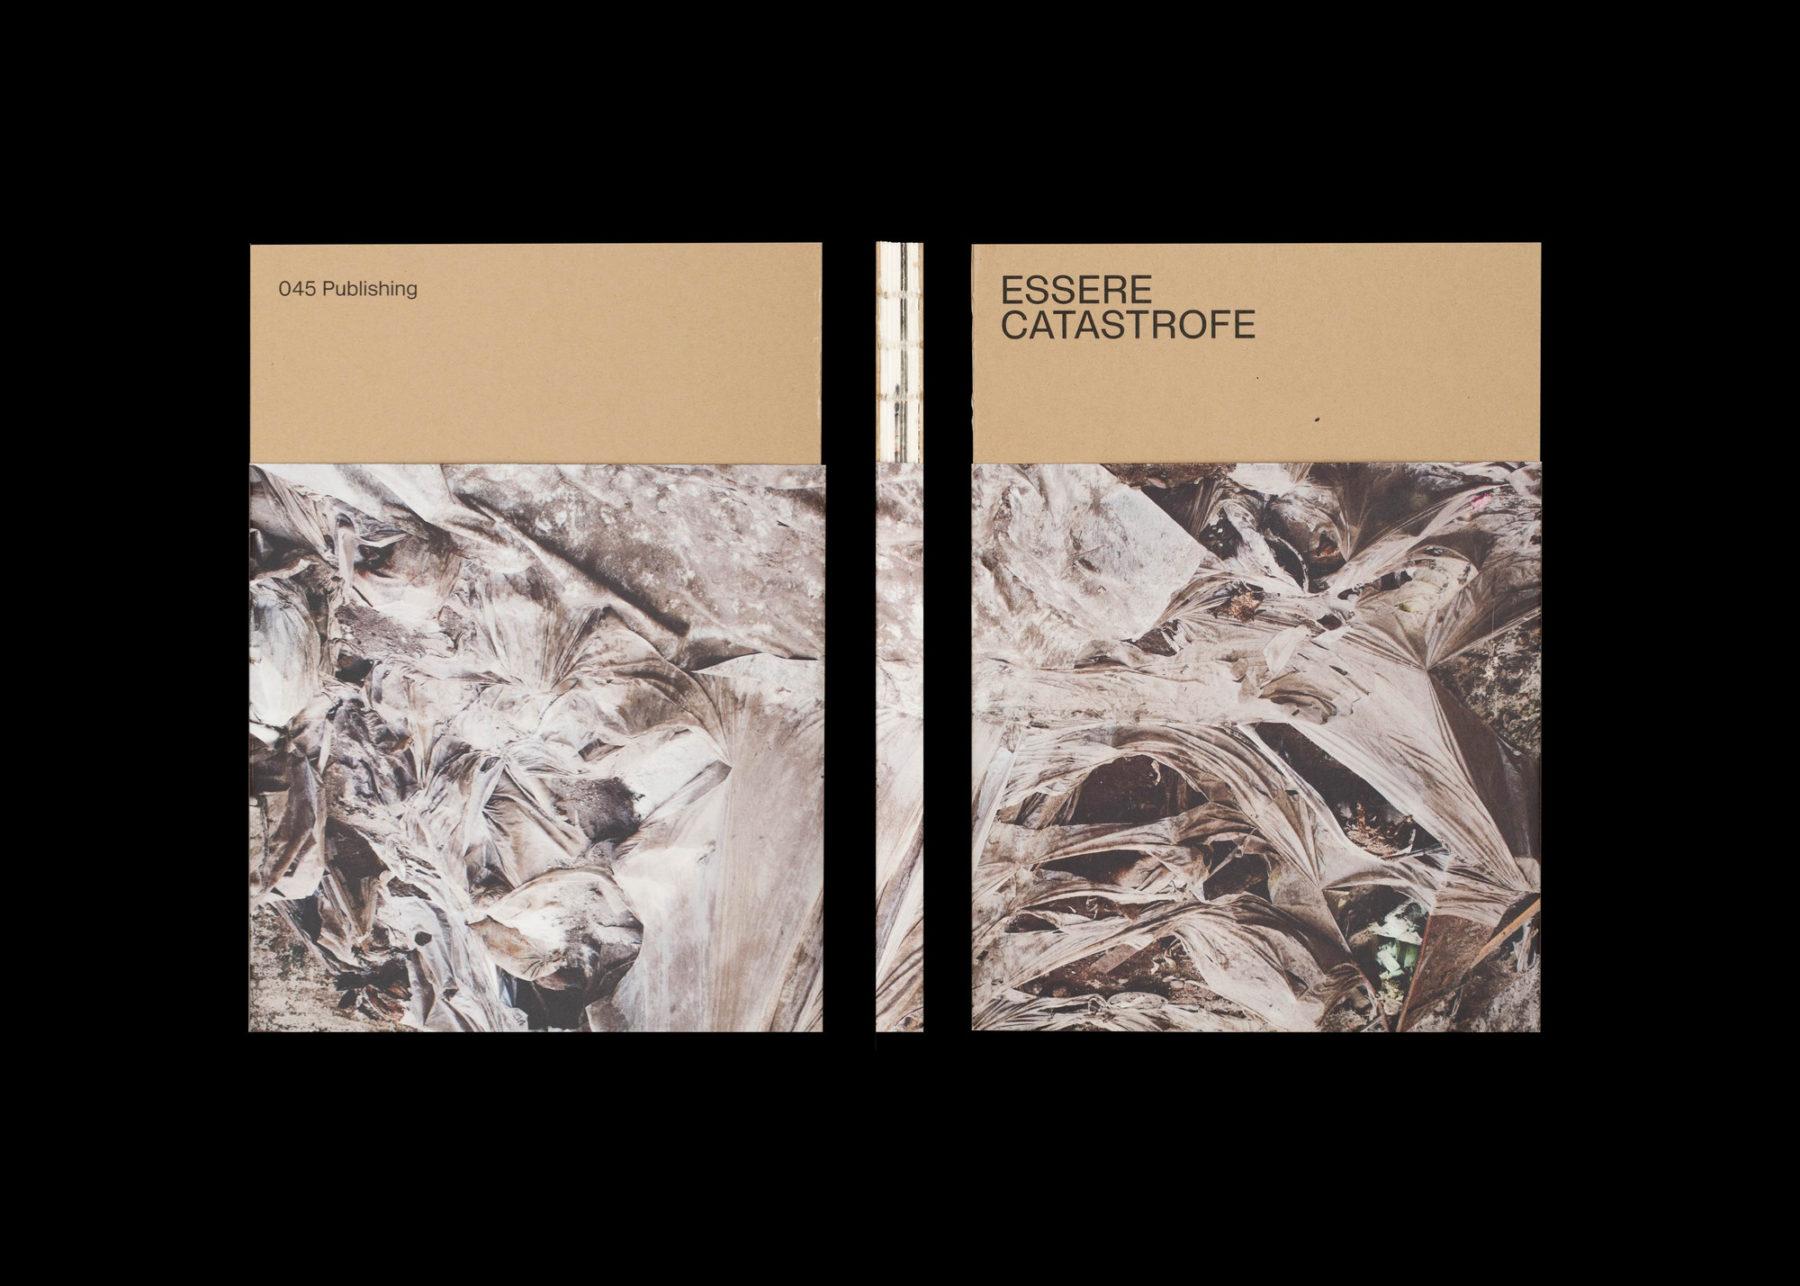 045zine essere catastrofe 1